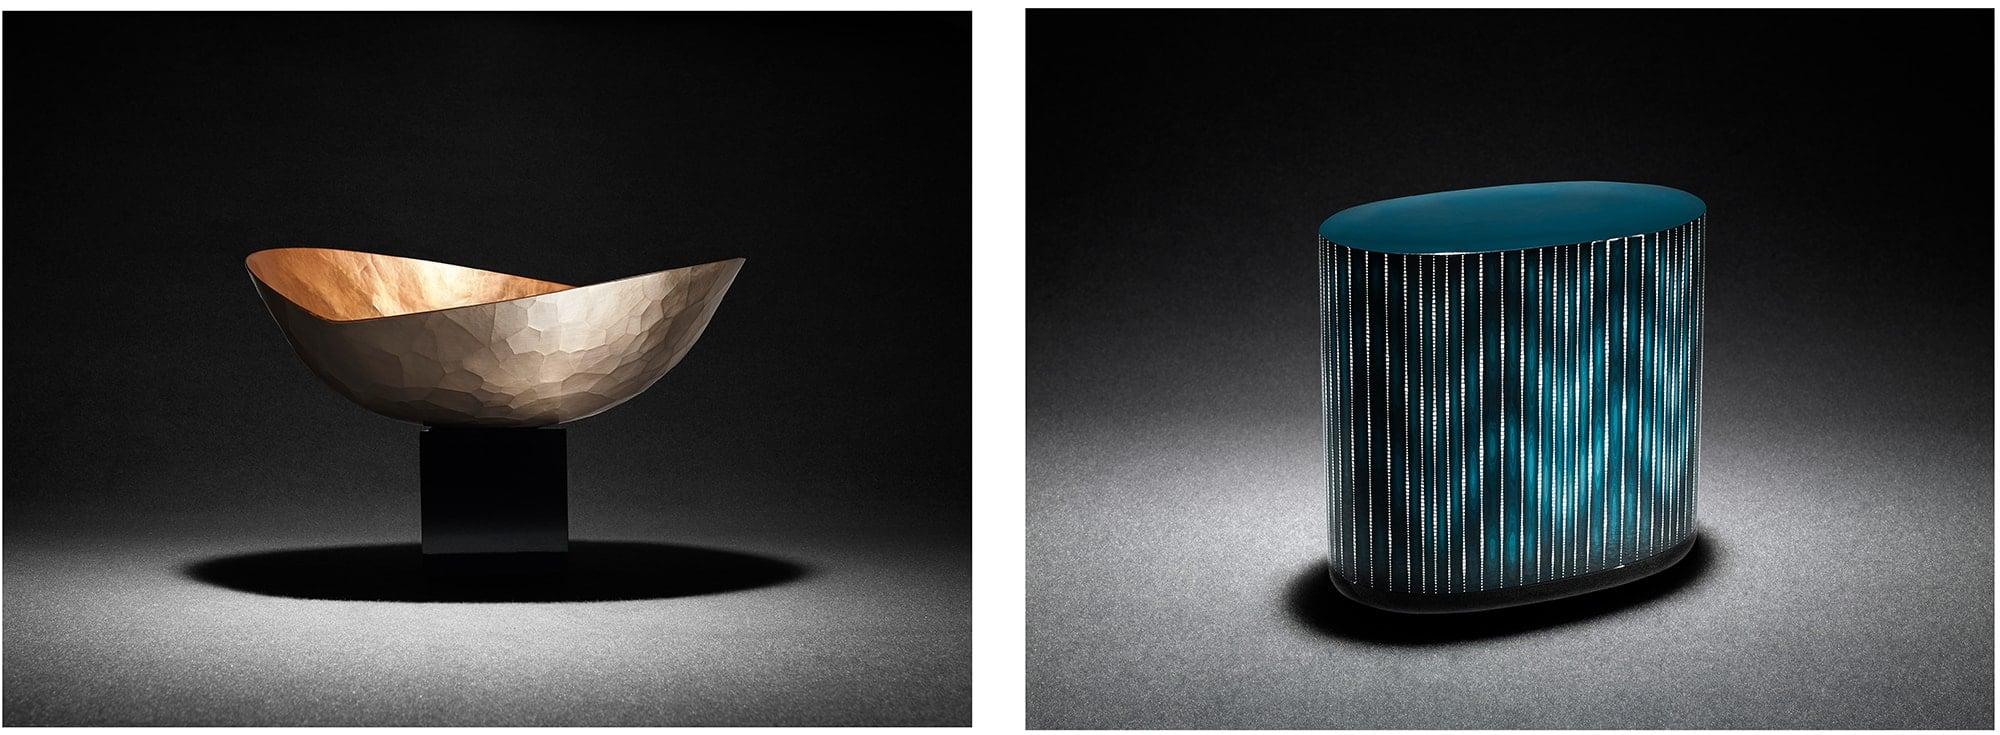 前田が日本らしさの最適解を求めてコラボレーションした「玉川堂」の鎚起銅器のワインクーラー「魂銅器」(写真左)、「七代 金城一国斎」が制作した卵殻彫漆箱「白糸」。Photography by ©MAZDA